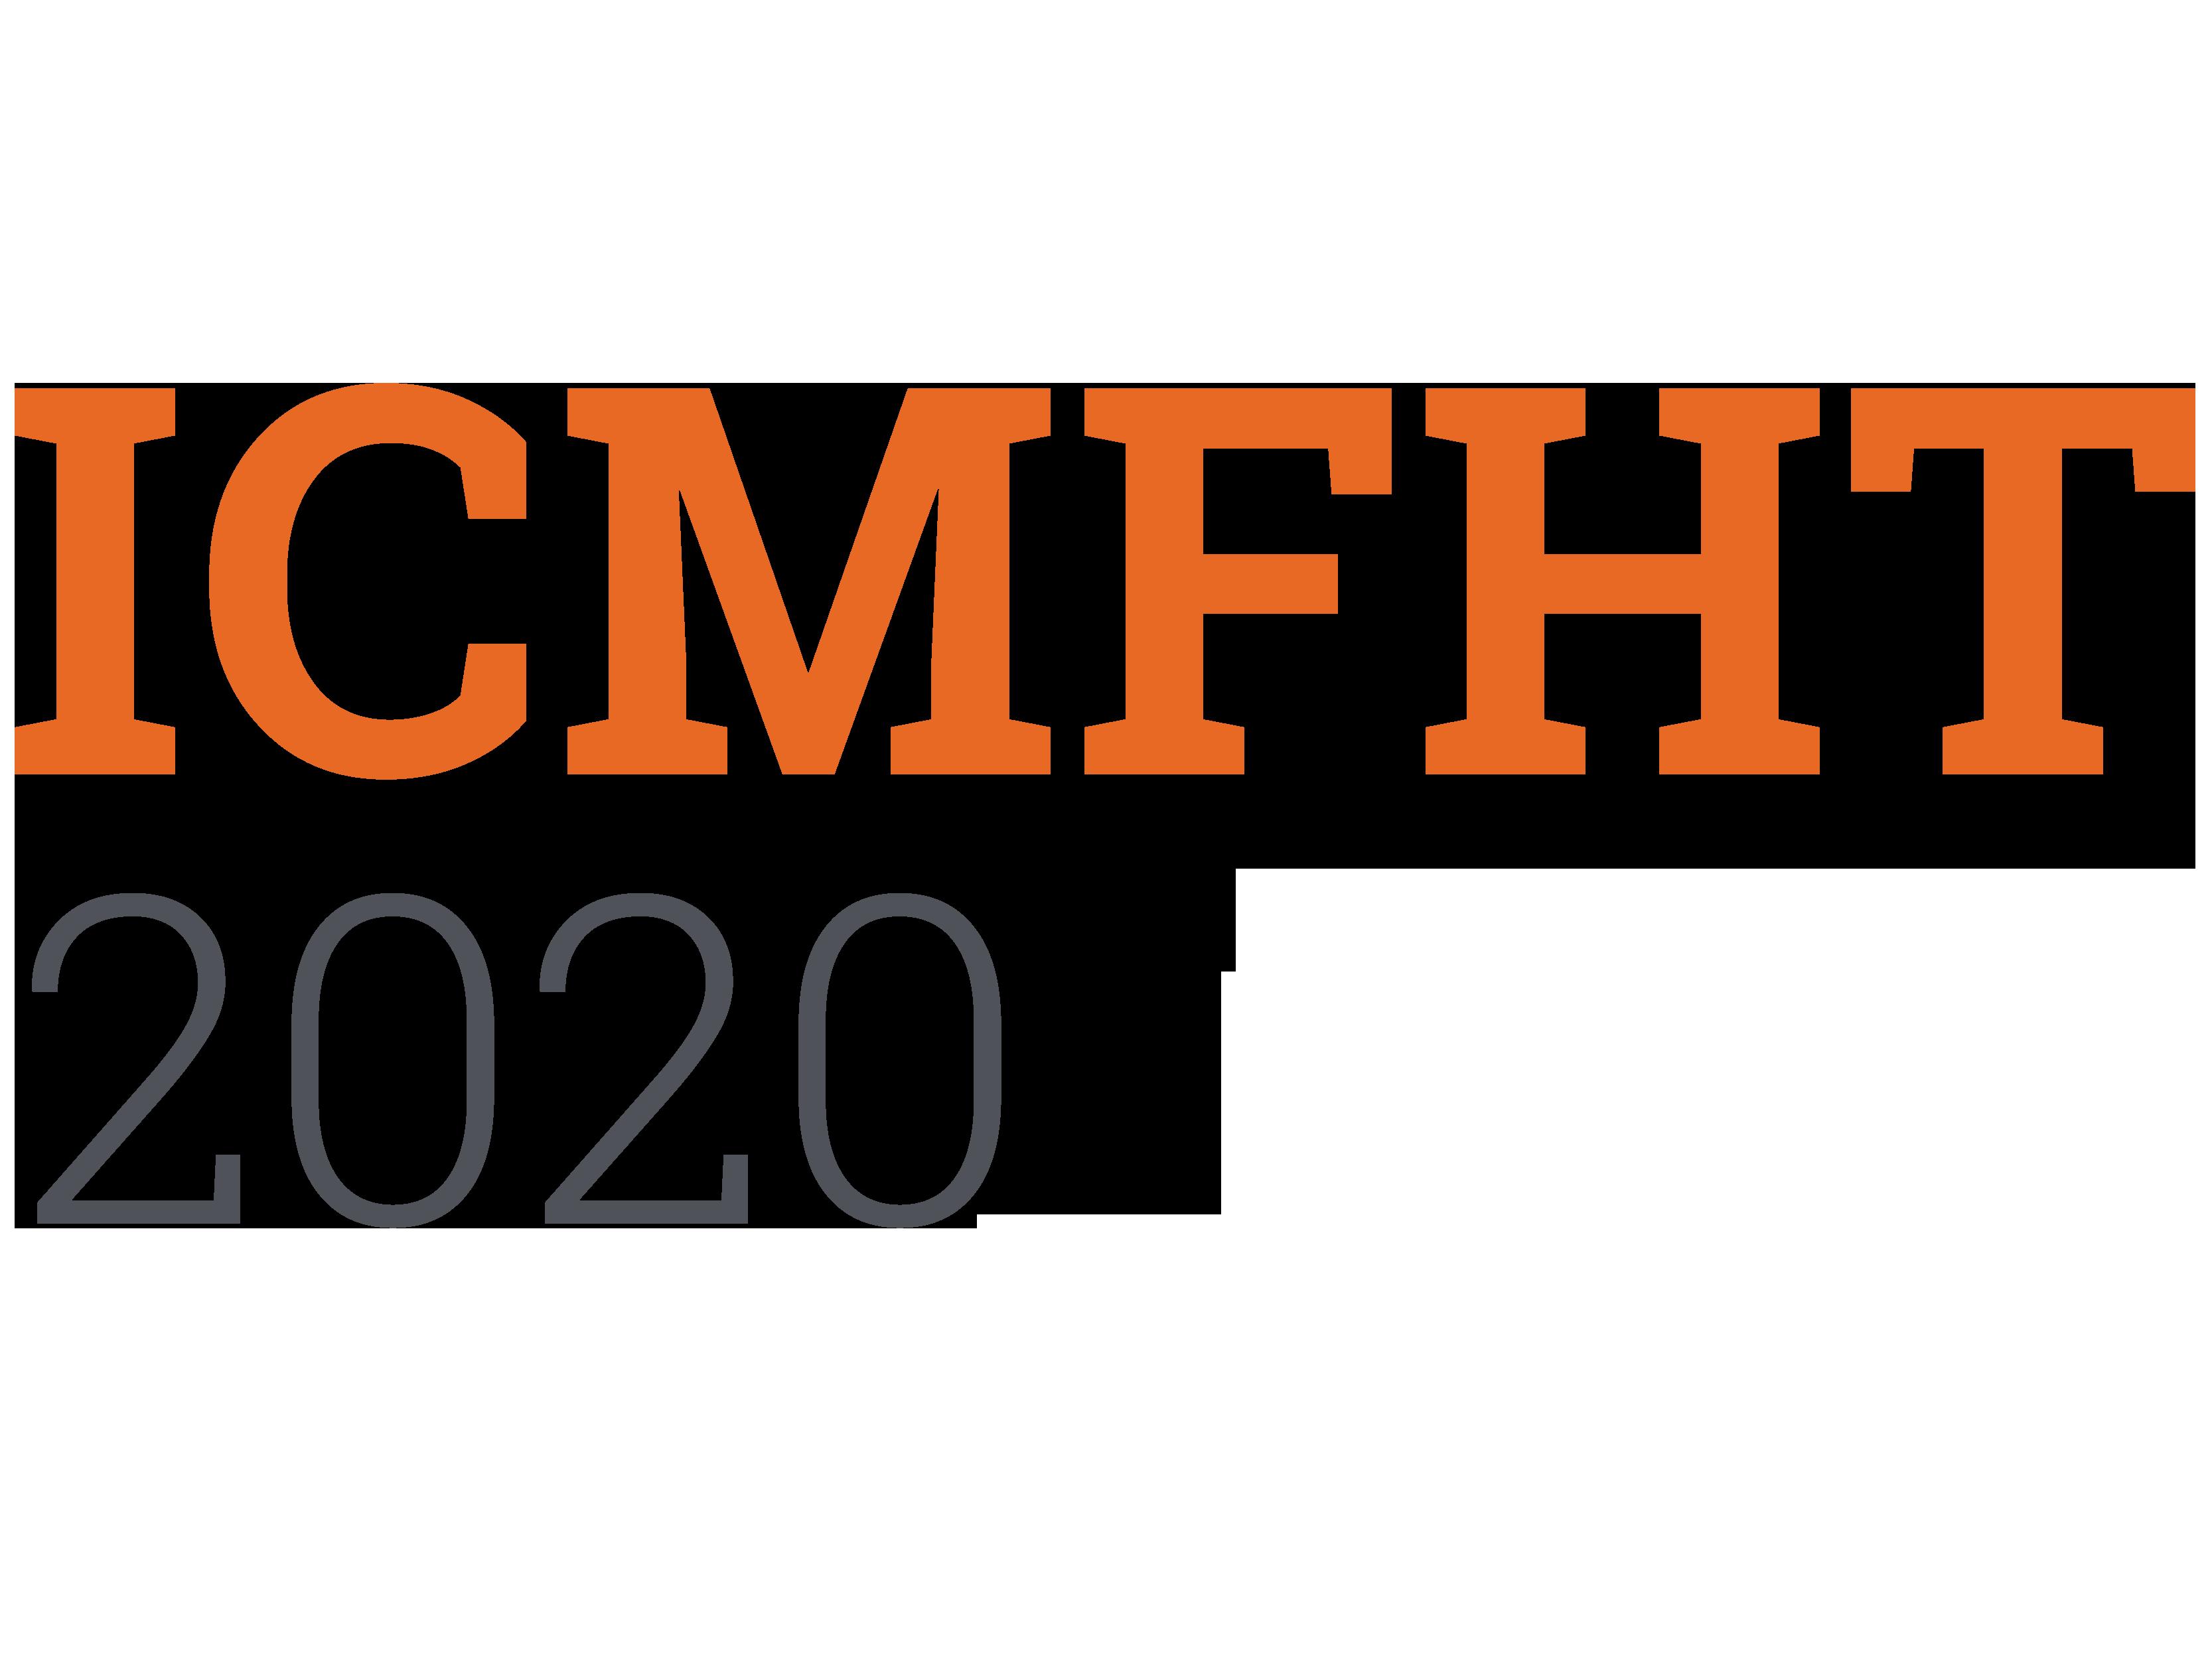 ICMFHT20